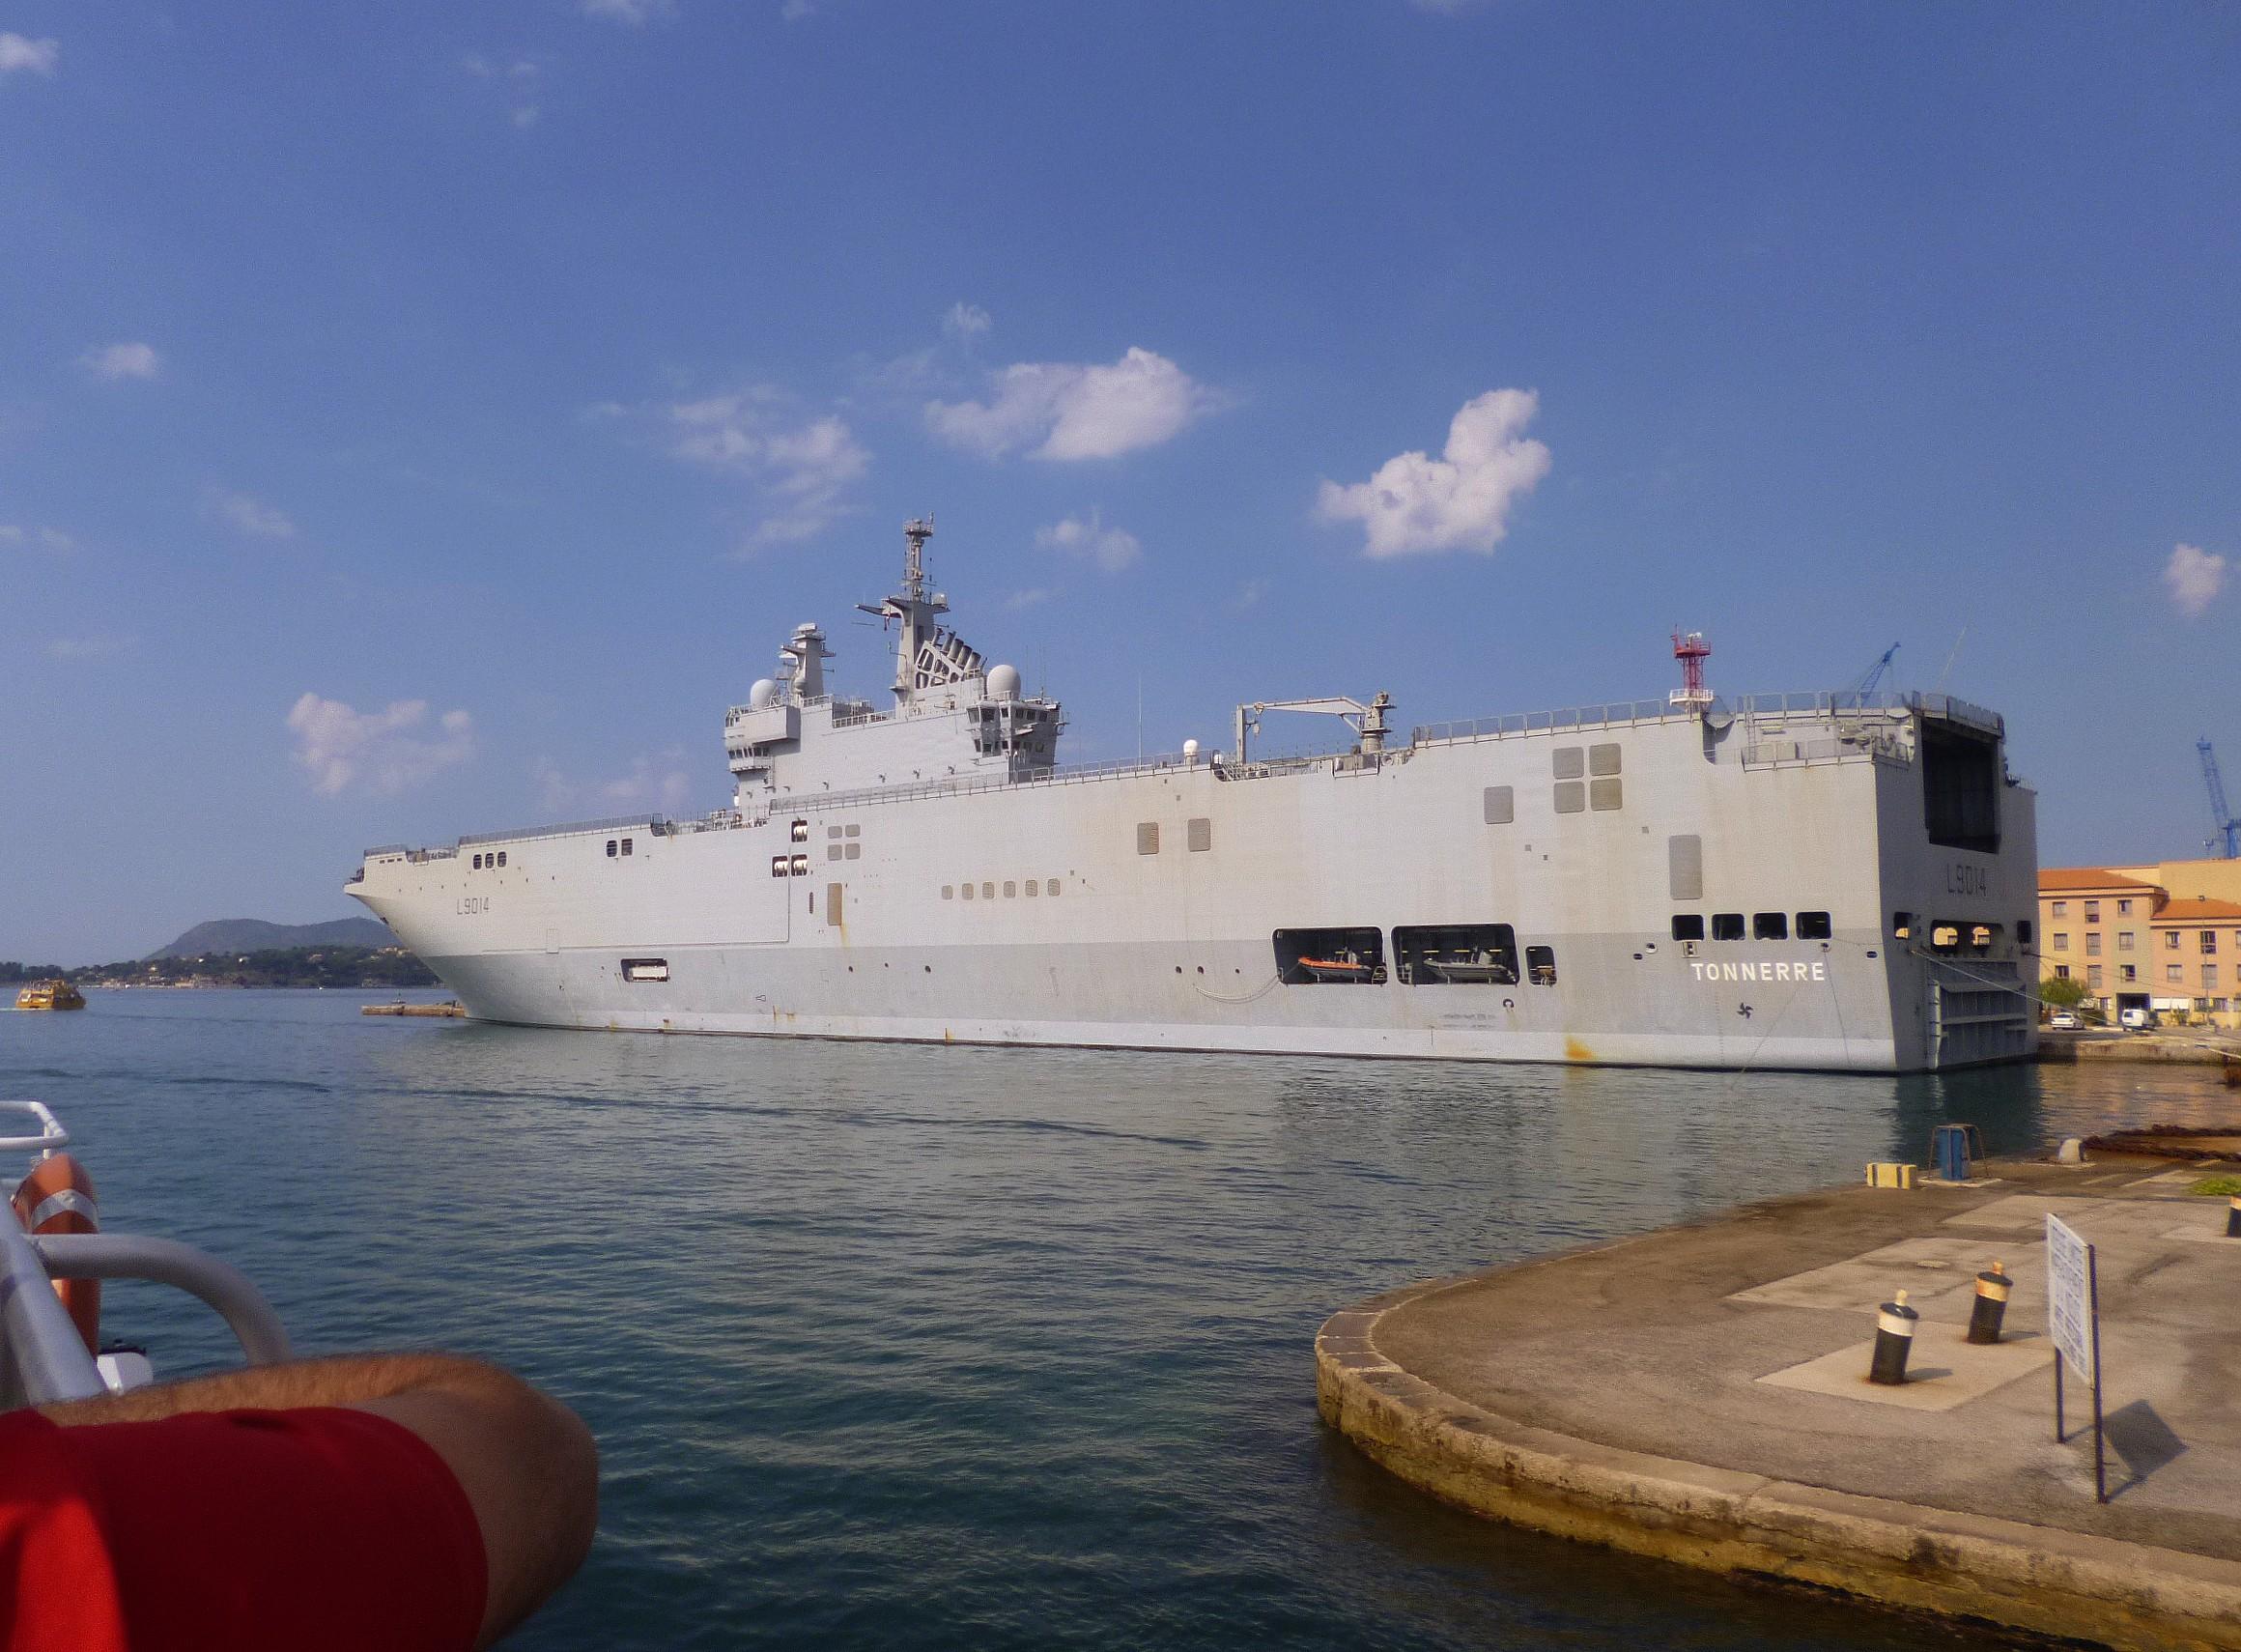 Les news en images du port de TOULON - Page 36 9562293363_0cfd6a9ec7_o